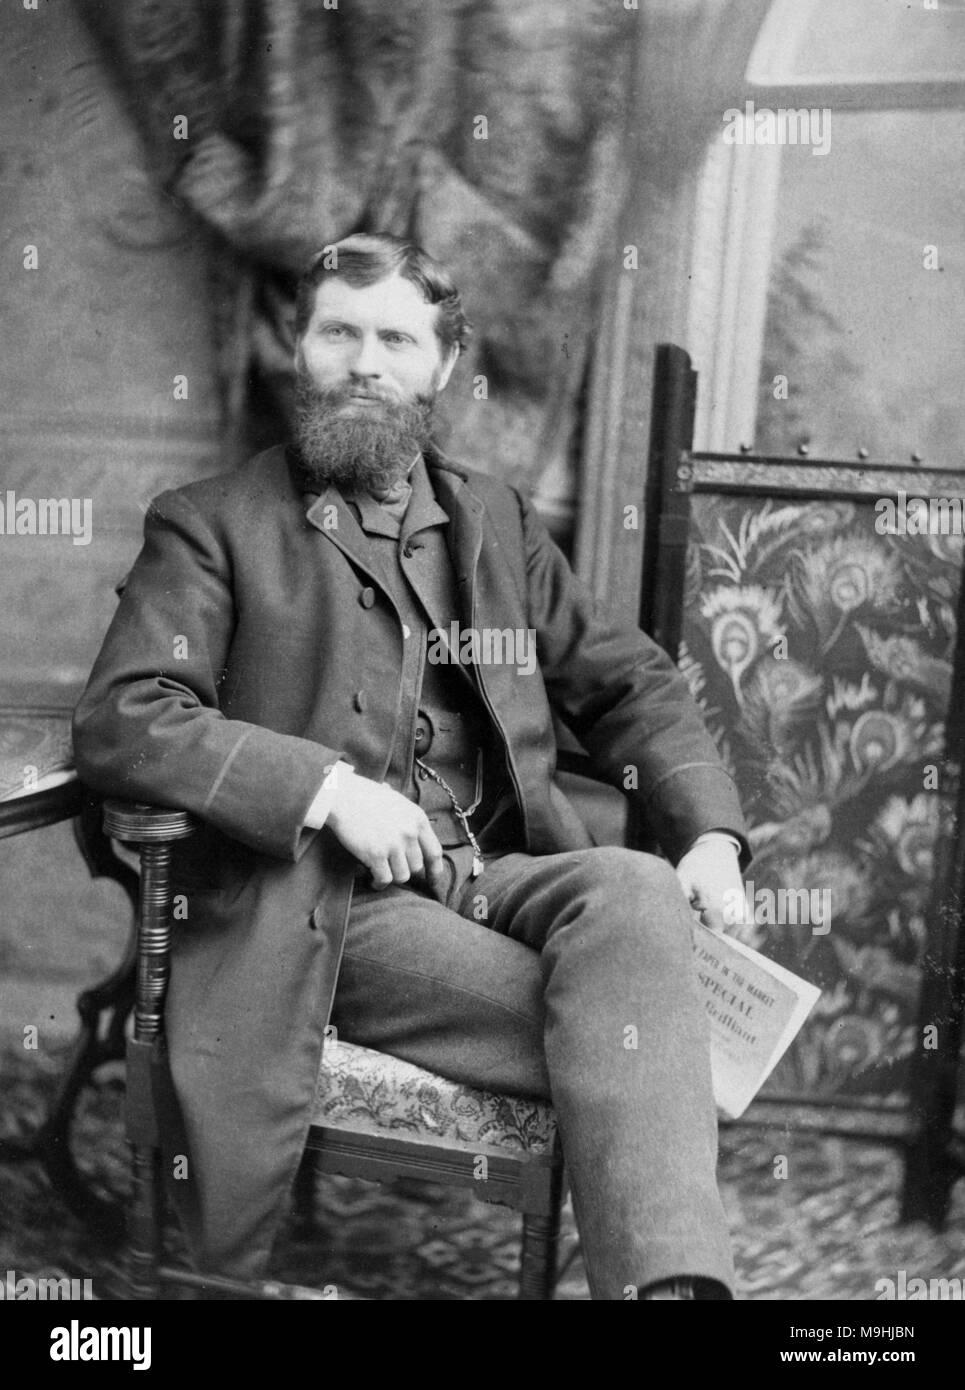 Francis Edgar Stanley, Francis Edgar Stanley, wie F.E. Stanley (1849-1918), US-amerikanischer Unternehmer und Mitbegründer, zusammen mit seinem Bruder Oscar Freelan Stanley, der Stanley Motor Carriage Company, die den Stanley Steamer gebaut bekannt. Stockbild